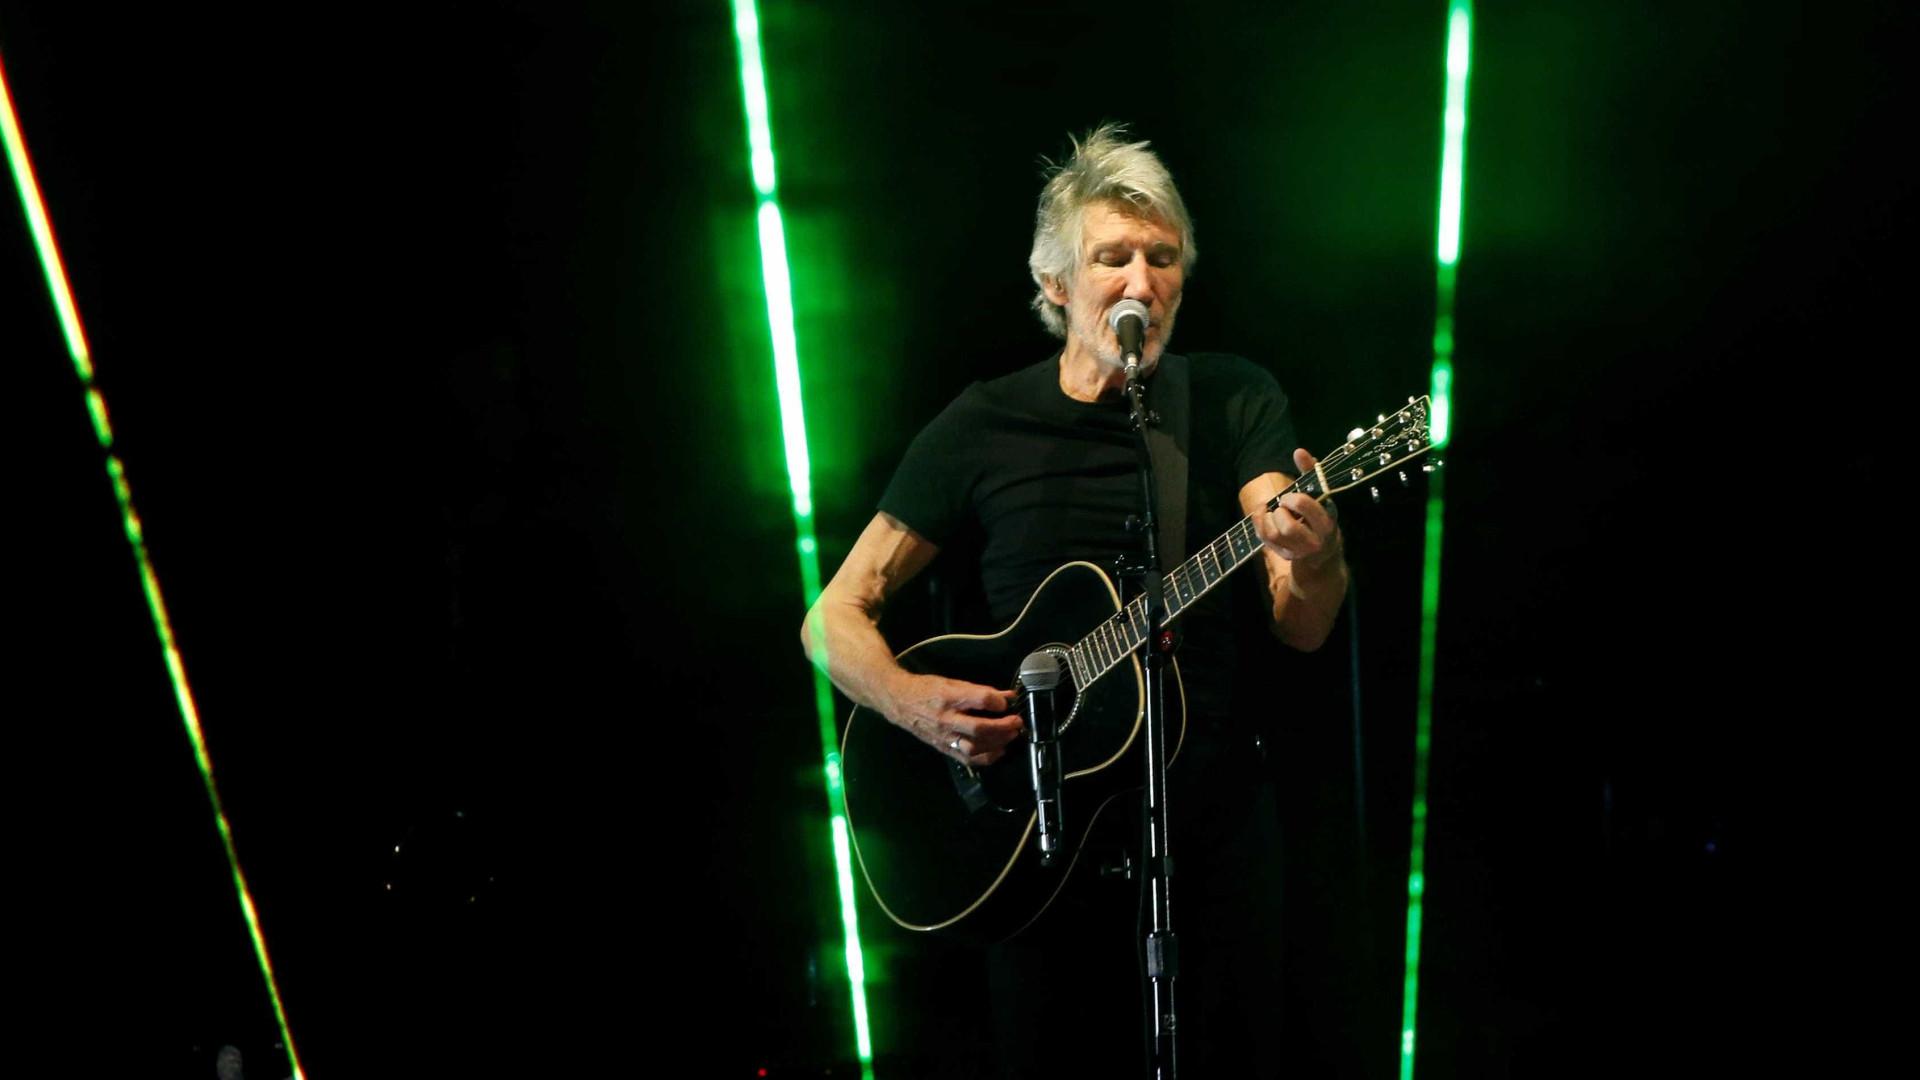 Justiça alerta Roger Waters sobre manifestação política em show